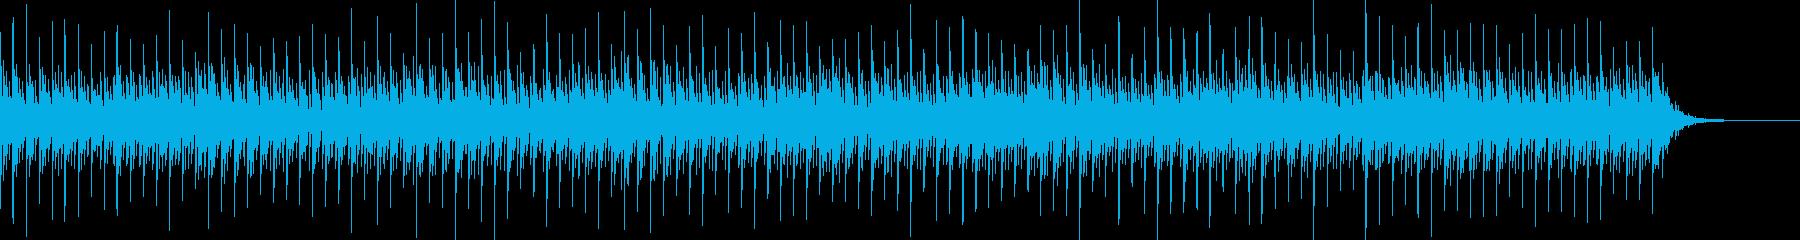 神秘的でミステリアスなオルゴールの曲の再生済みの波形